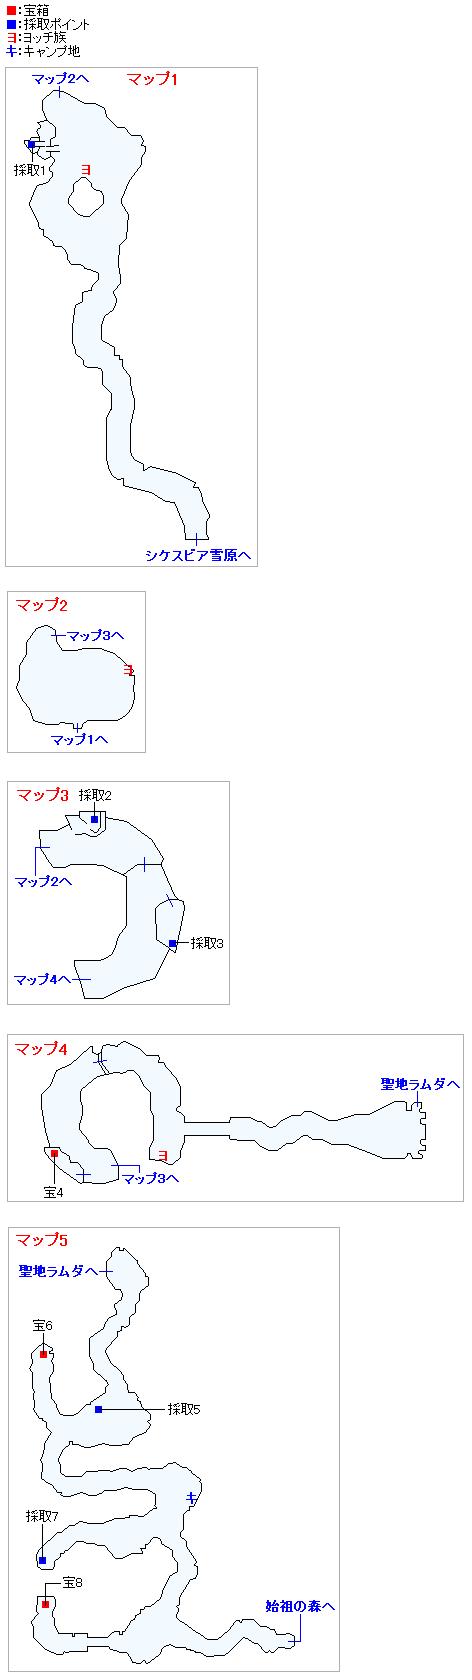 ゼーランダ山(3DS・3Dモード)のマップ画像